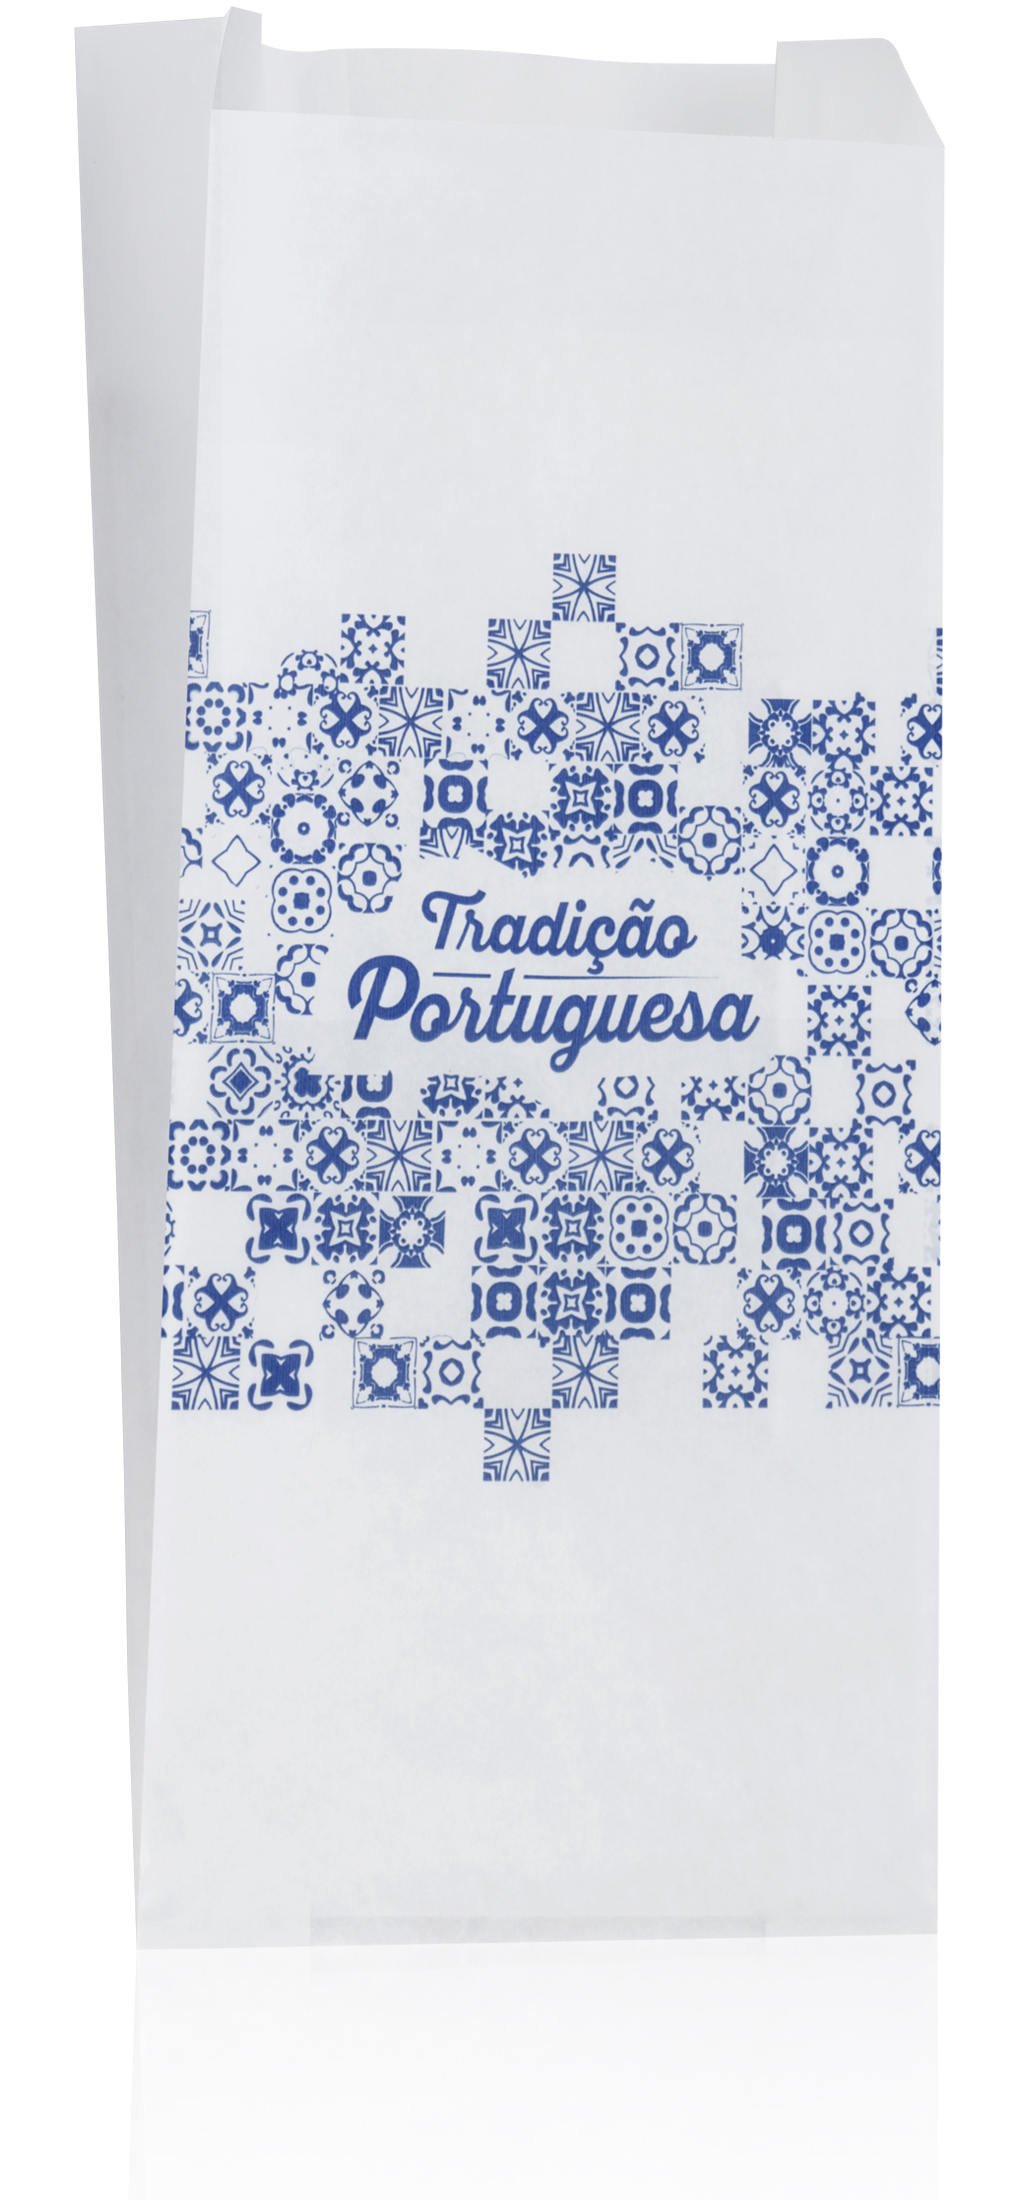 Tradição Portuguesa